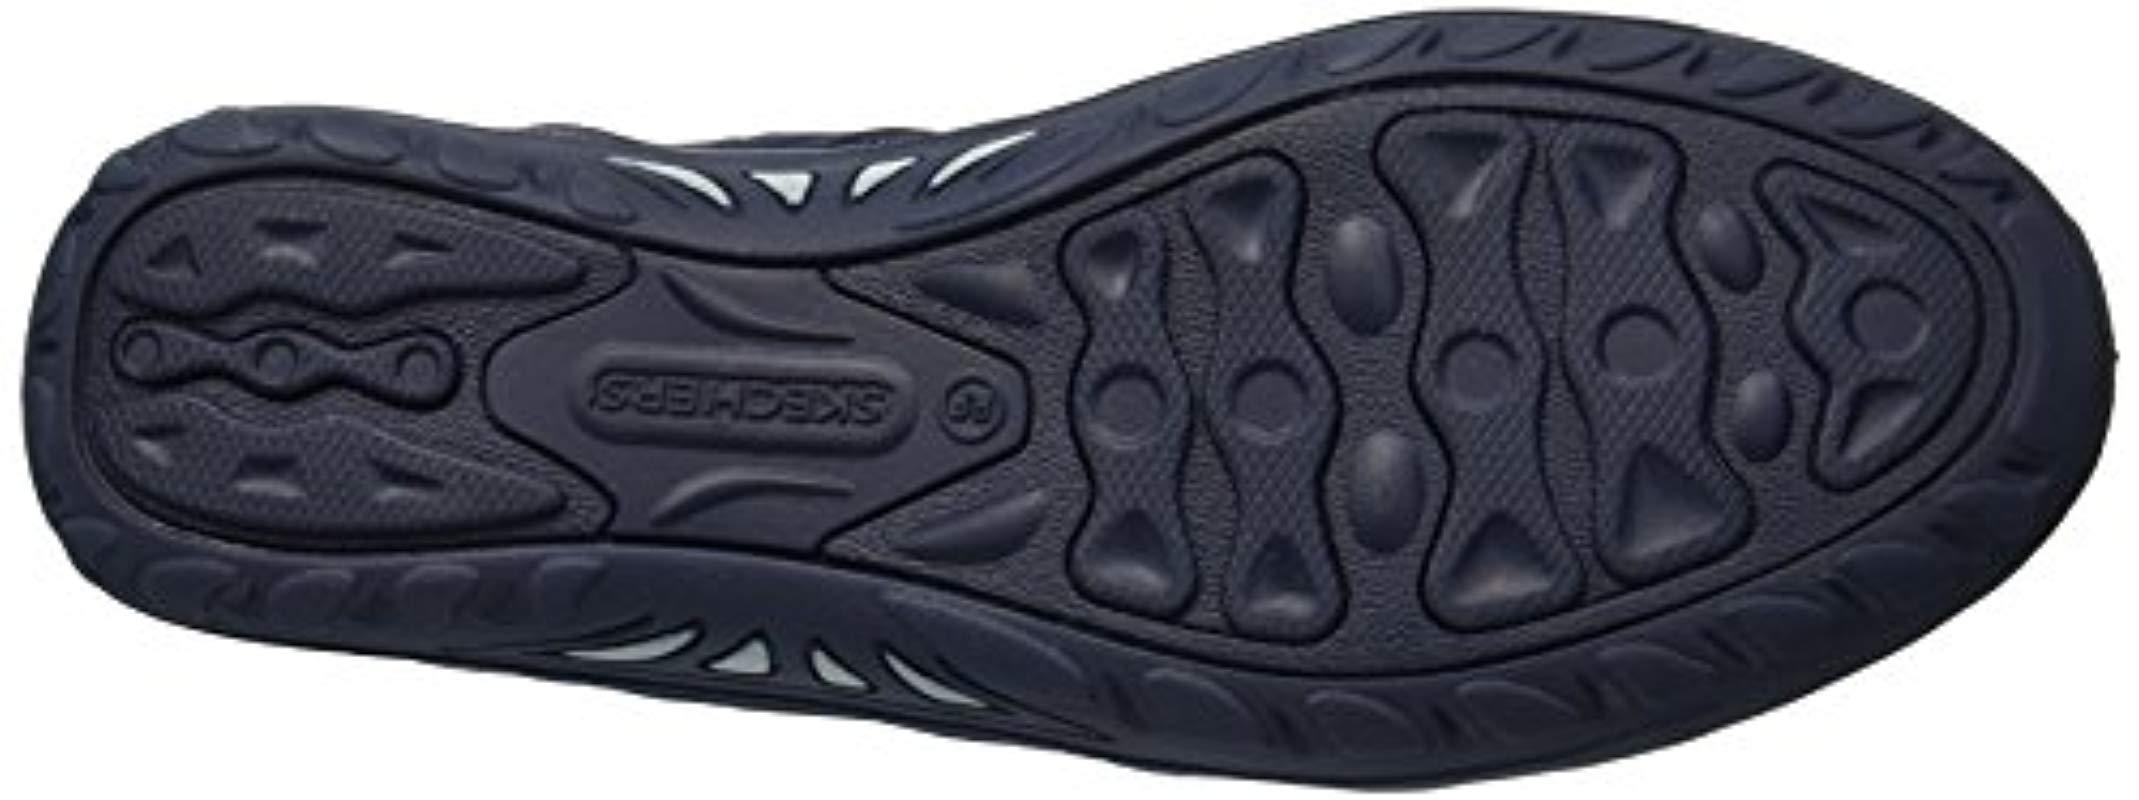 Skechers Reggae Fest-day Blaze-sporty Bungee Sneaker in Navy (Blue)